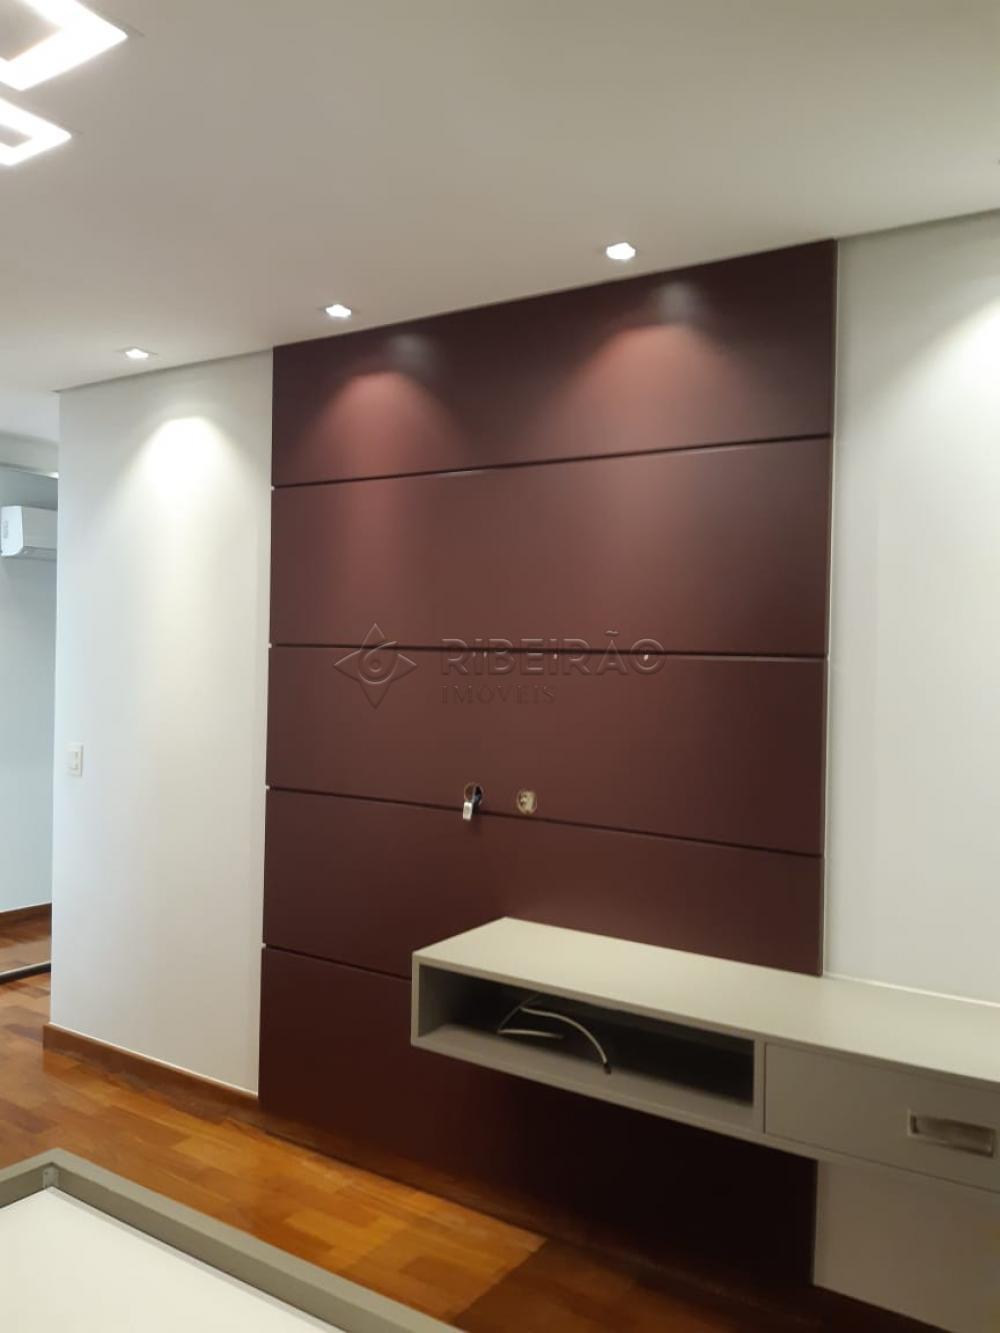 Comprar Apartamento / Cobertura em Ribeirão Preto R$ 1.900.000,00 - Foto 21